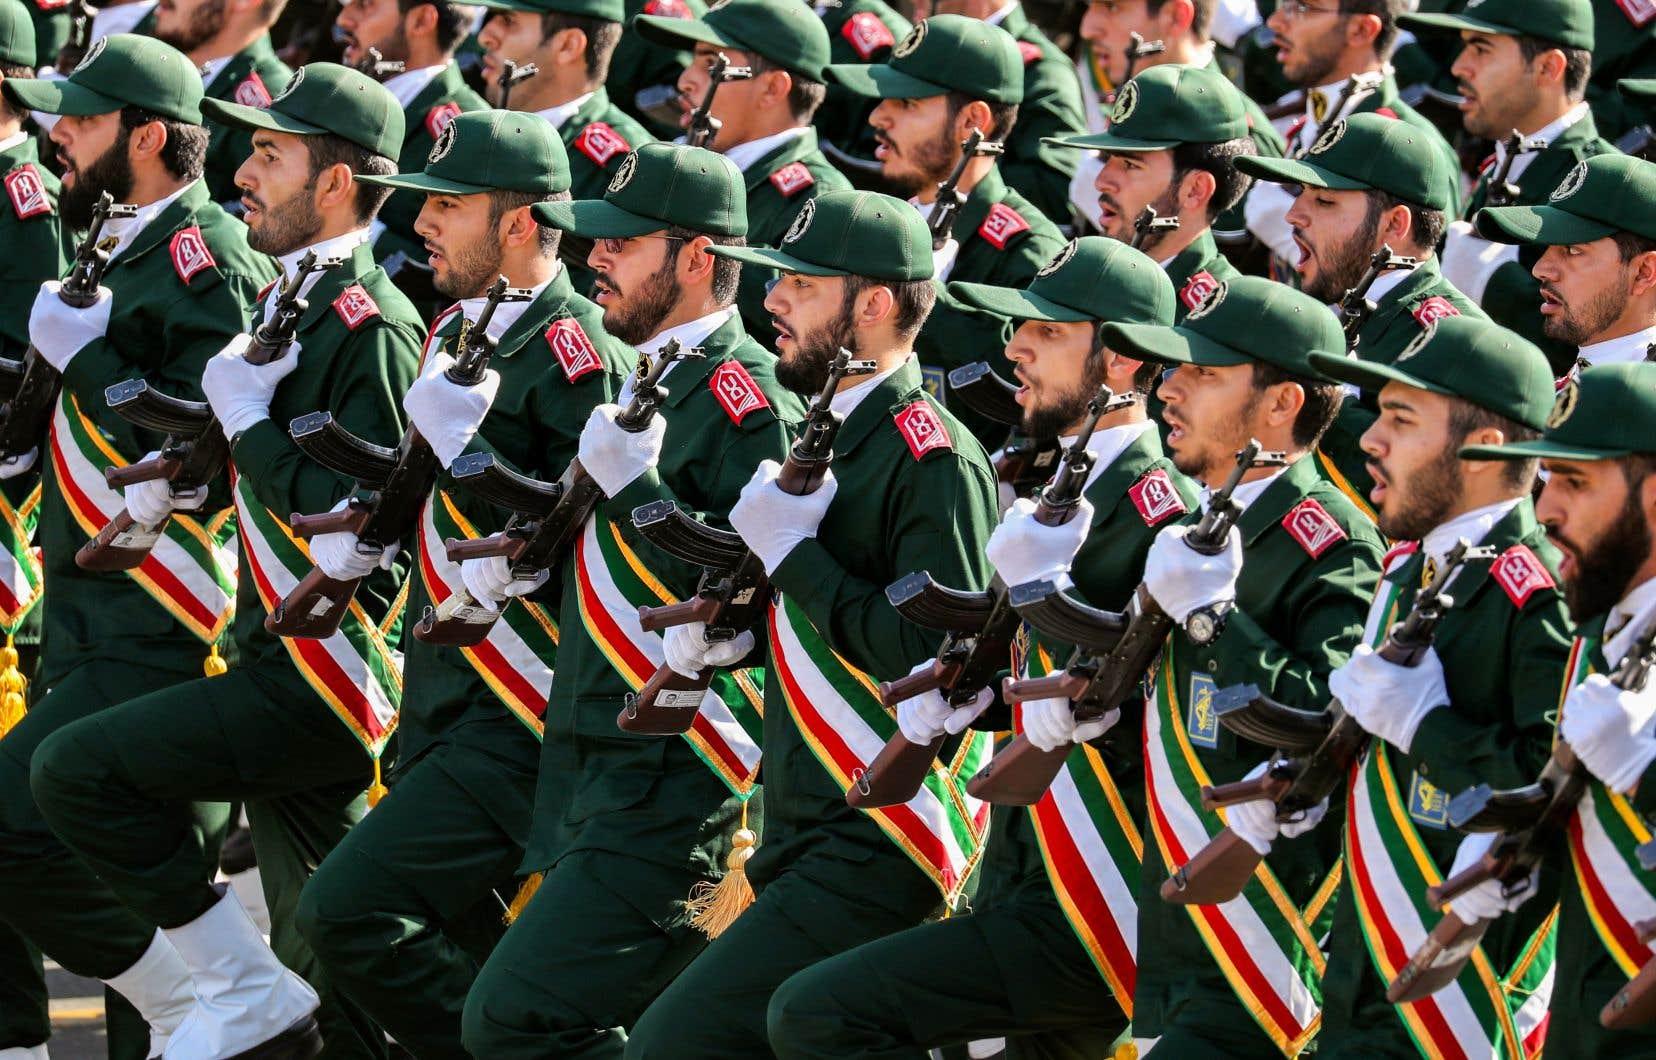 Une parade de l'armée idéologique iranienne en 2018